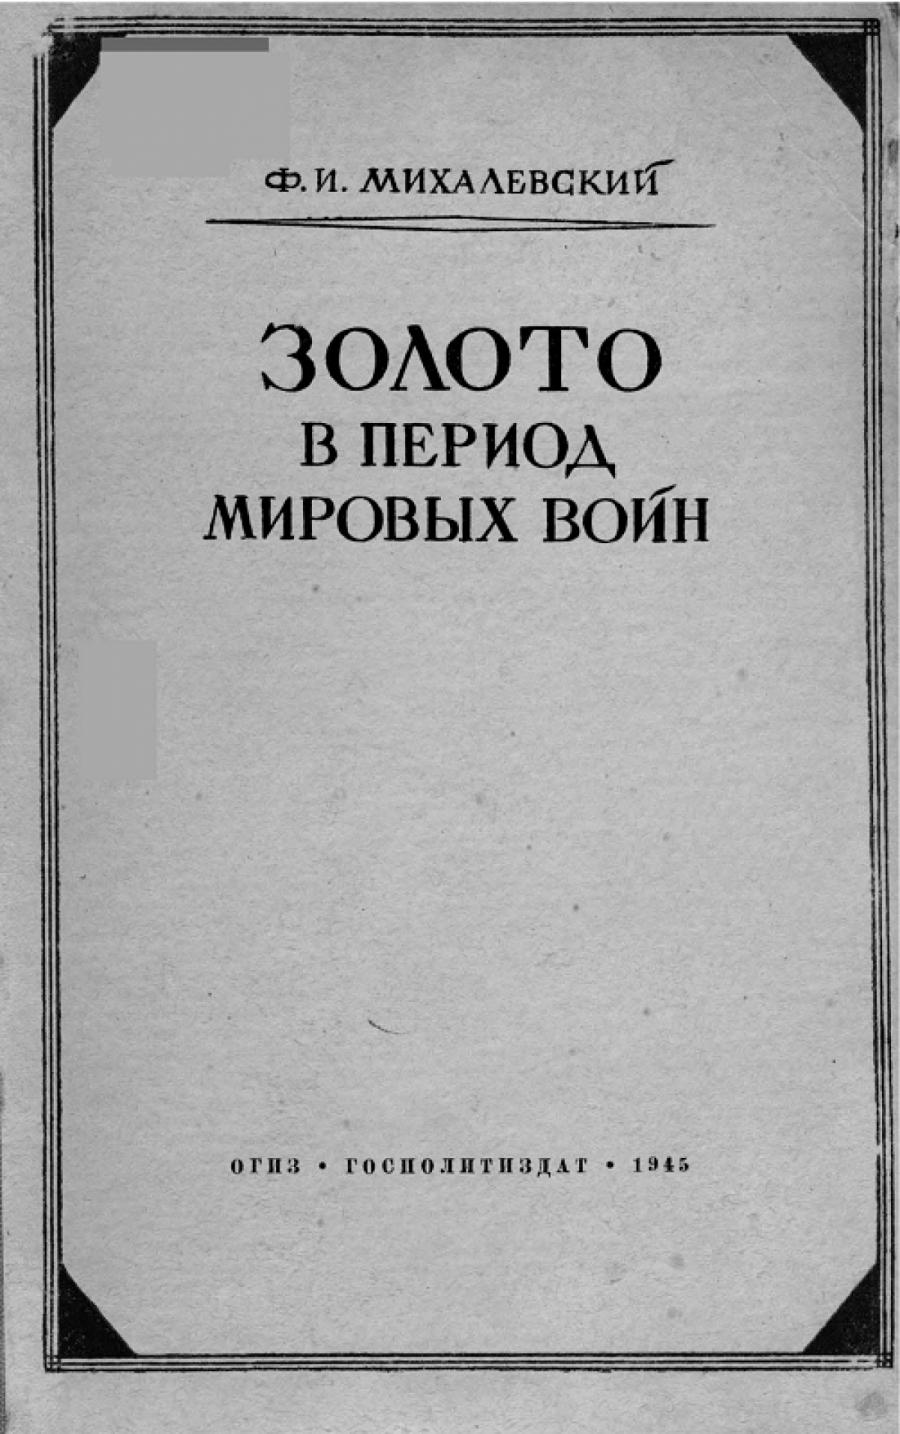 Обложка книги:  михалевский ф.и. - золото в период мировых войн